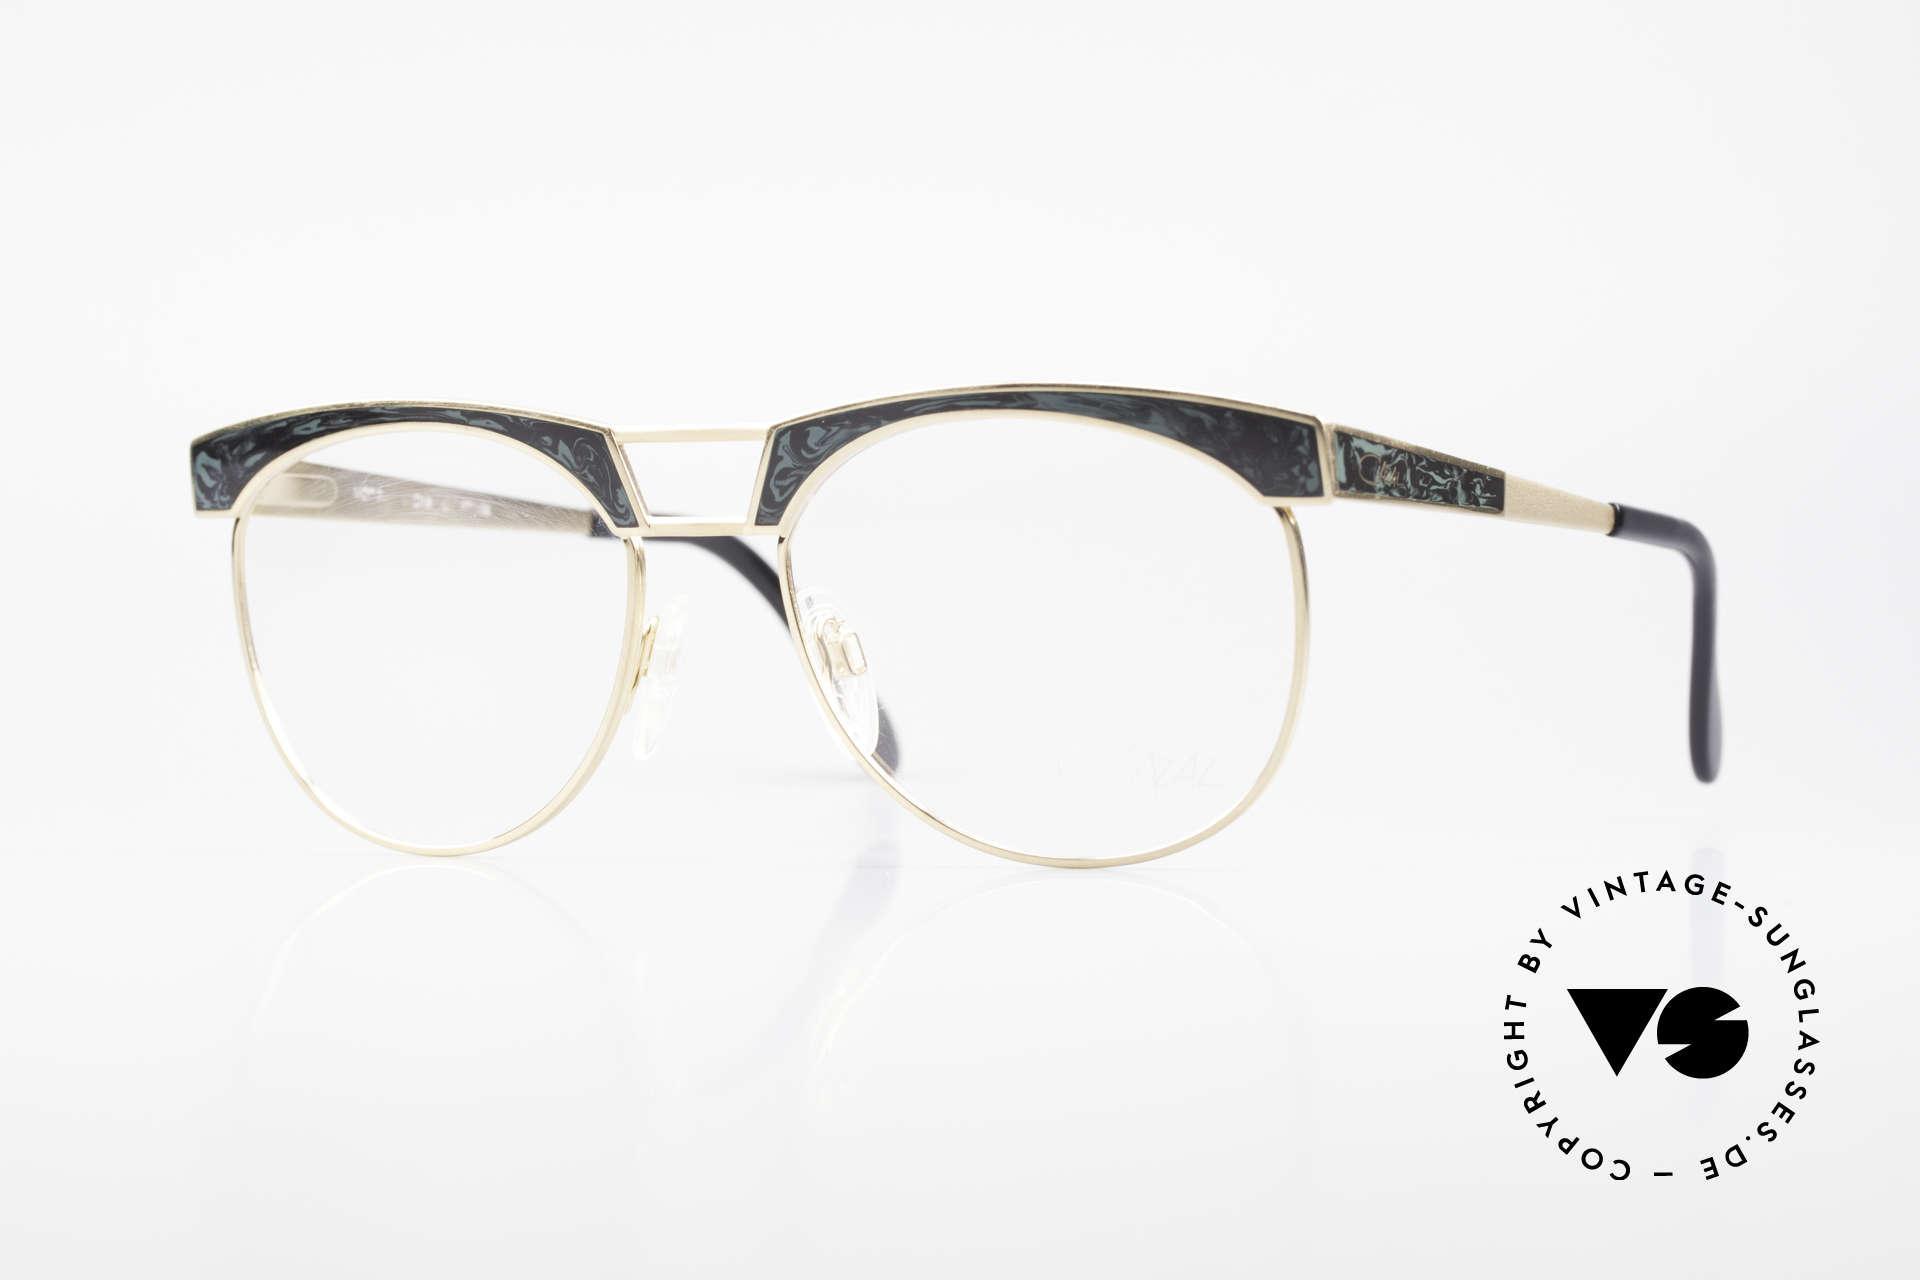 Cazal 741 Panto Stil Designerbrille 90er, luxuriöses vintage Brillengestell der frühen 90er Jahre, Passend für Herren